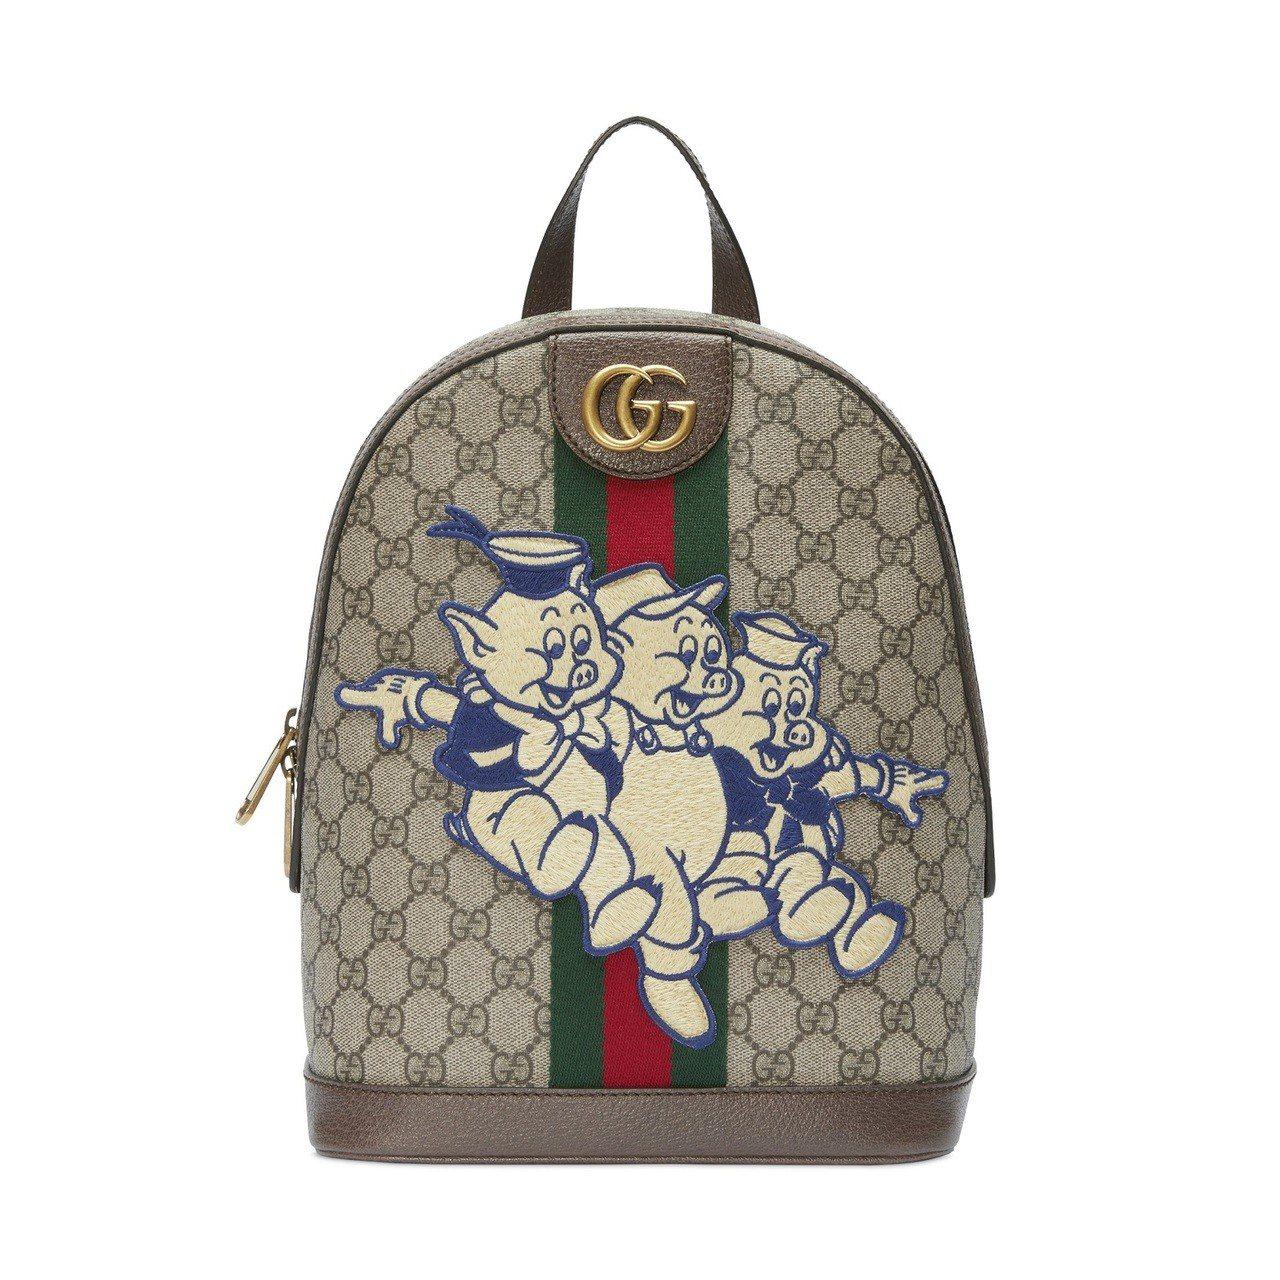 春節限定系列-三隻小豬刺繡後背包,51,100元。圖/Gucci提供